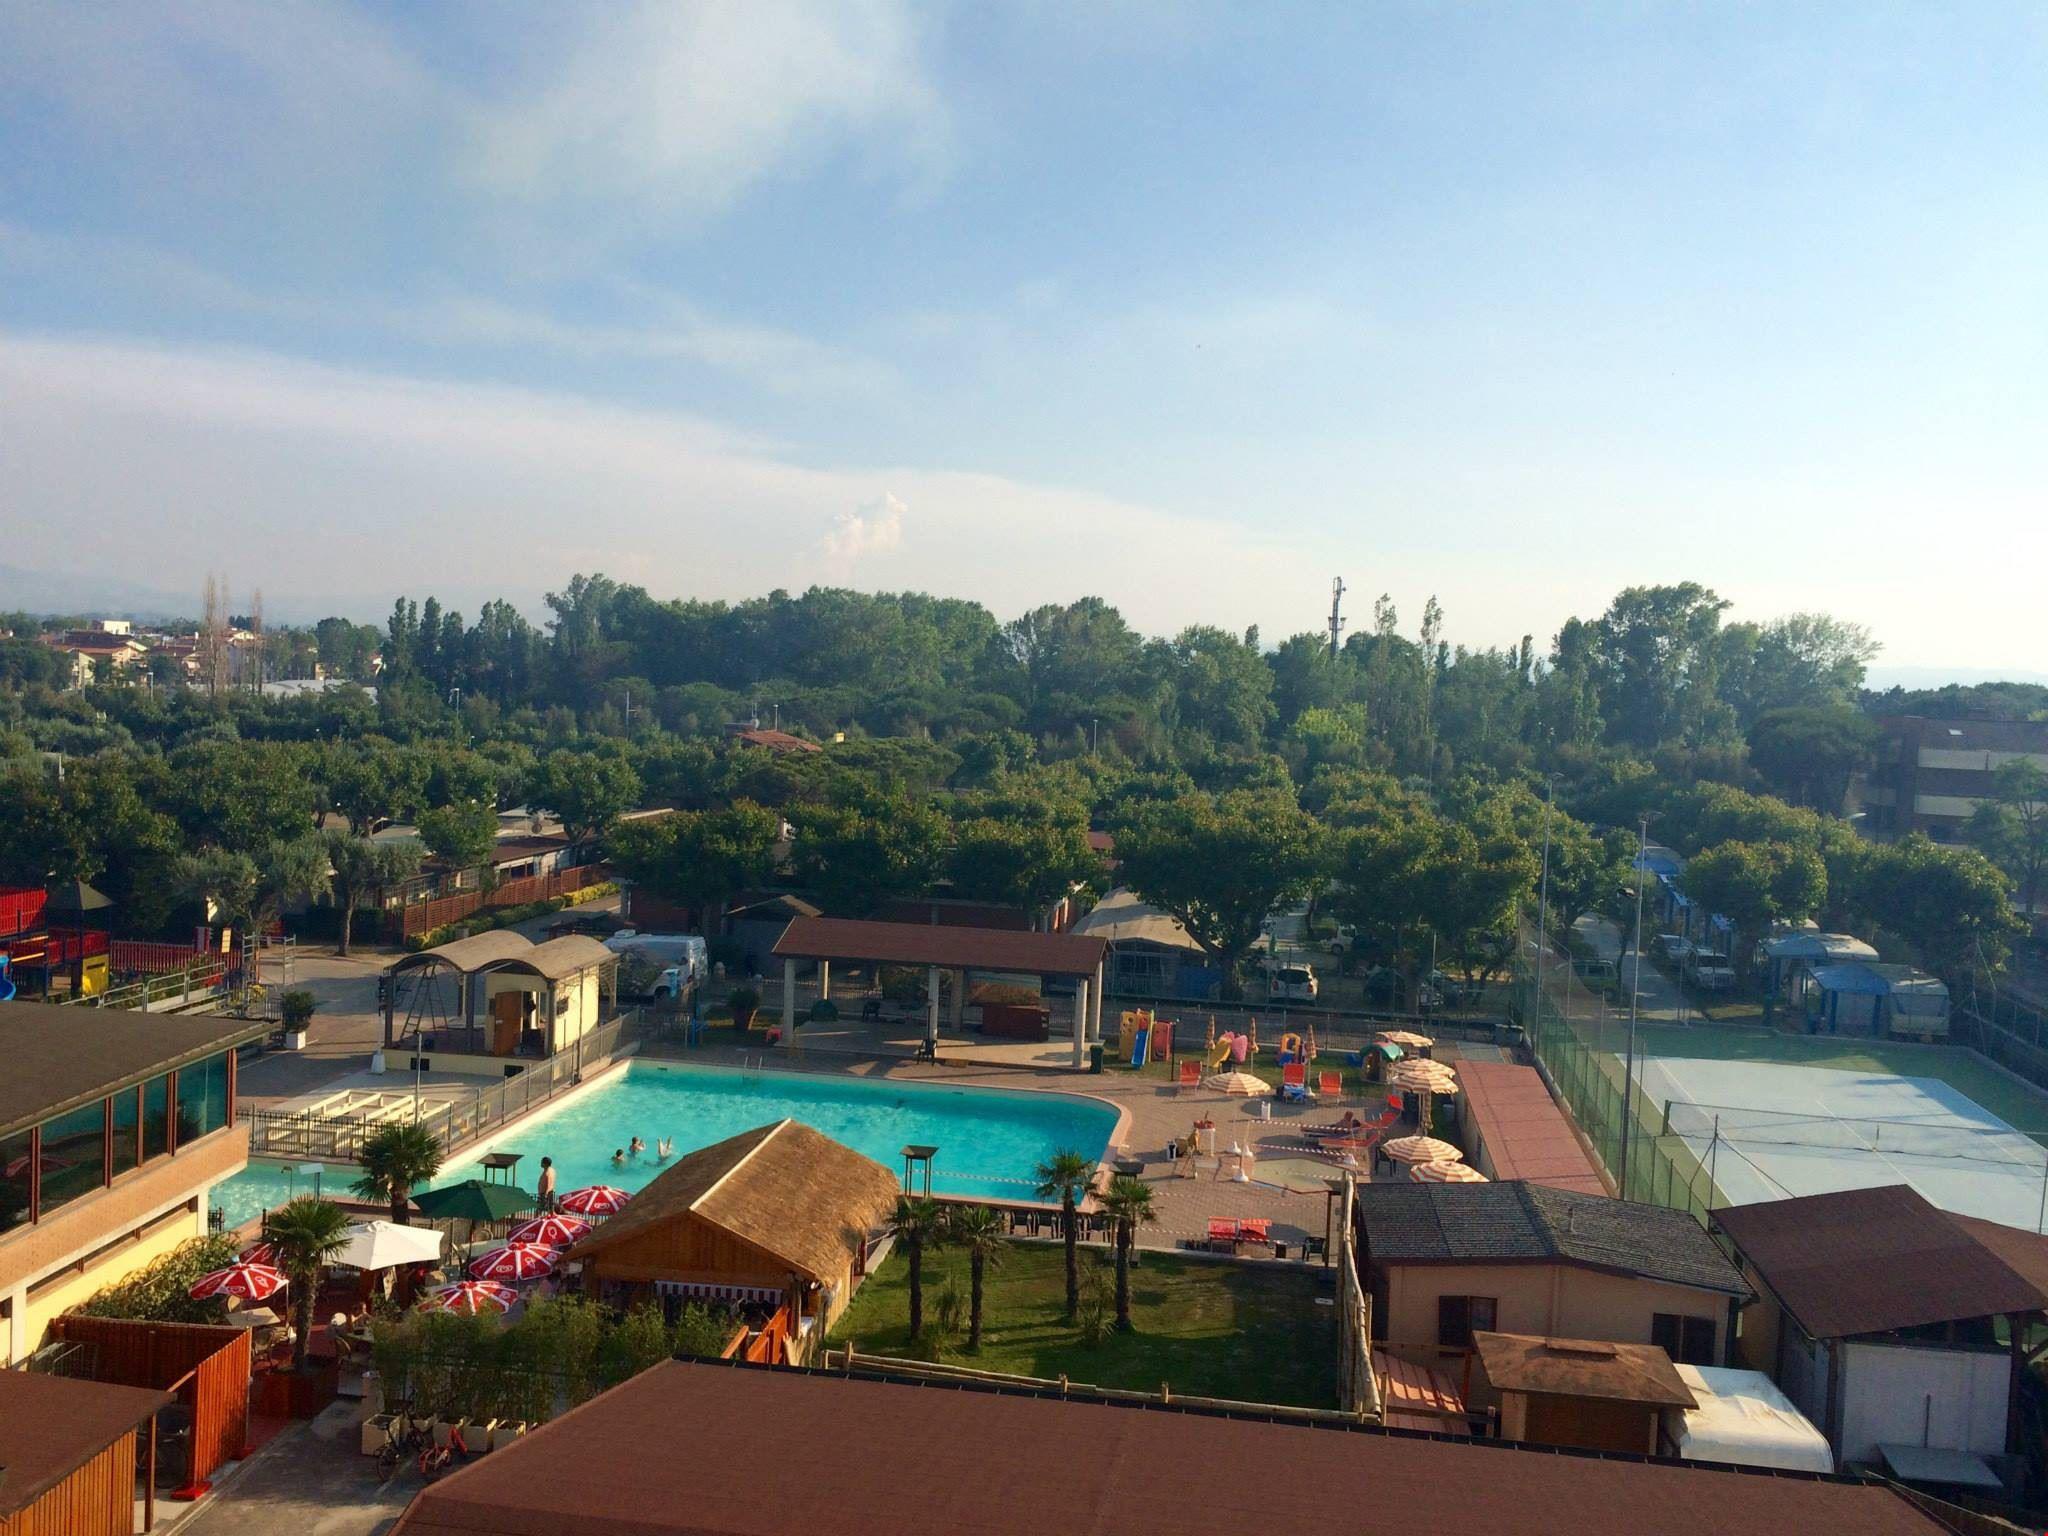 Camping con Piscina in Emilia Romagna